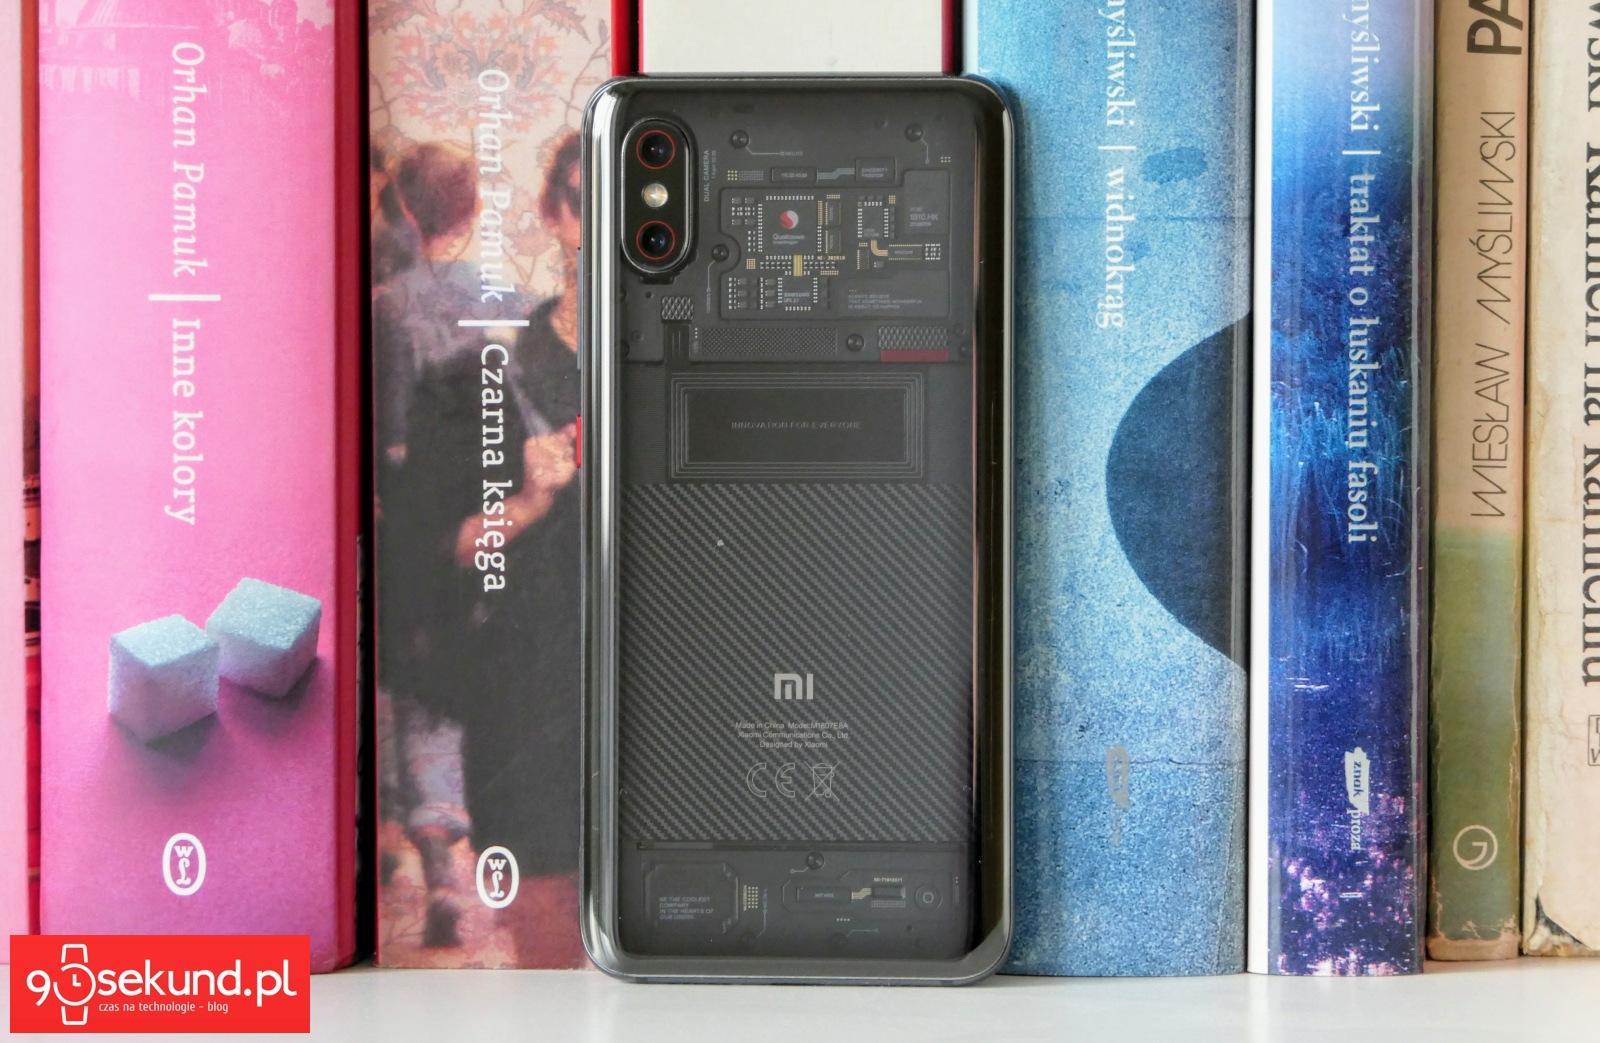 Recenzja Xiaomi Mi 8 Pro - Michał Brożyński 90sekund.pl